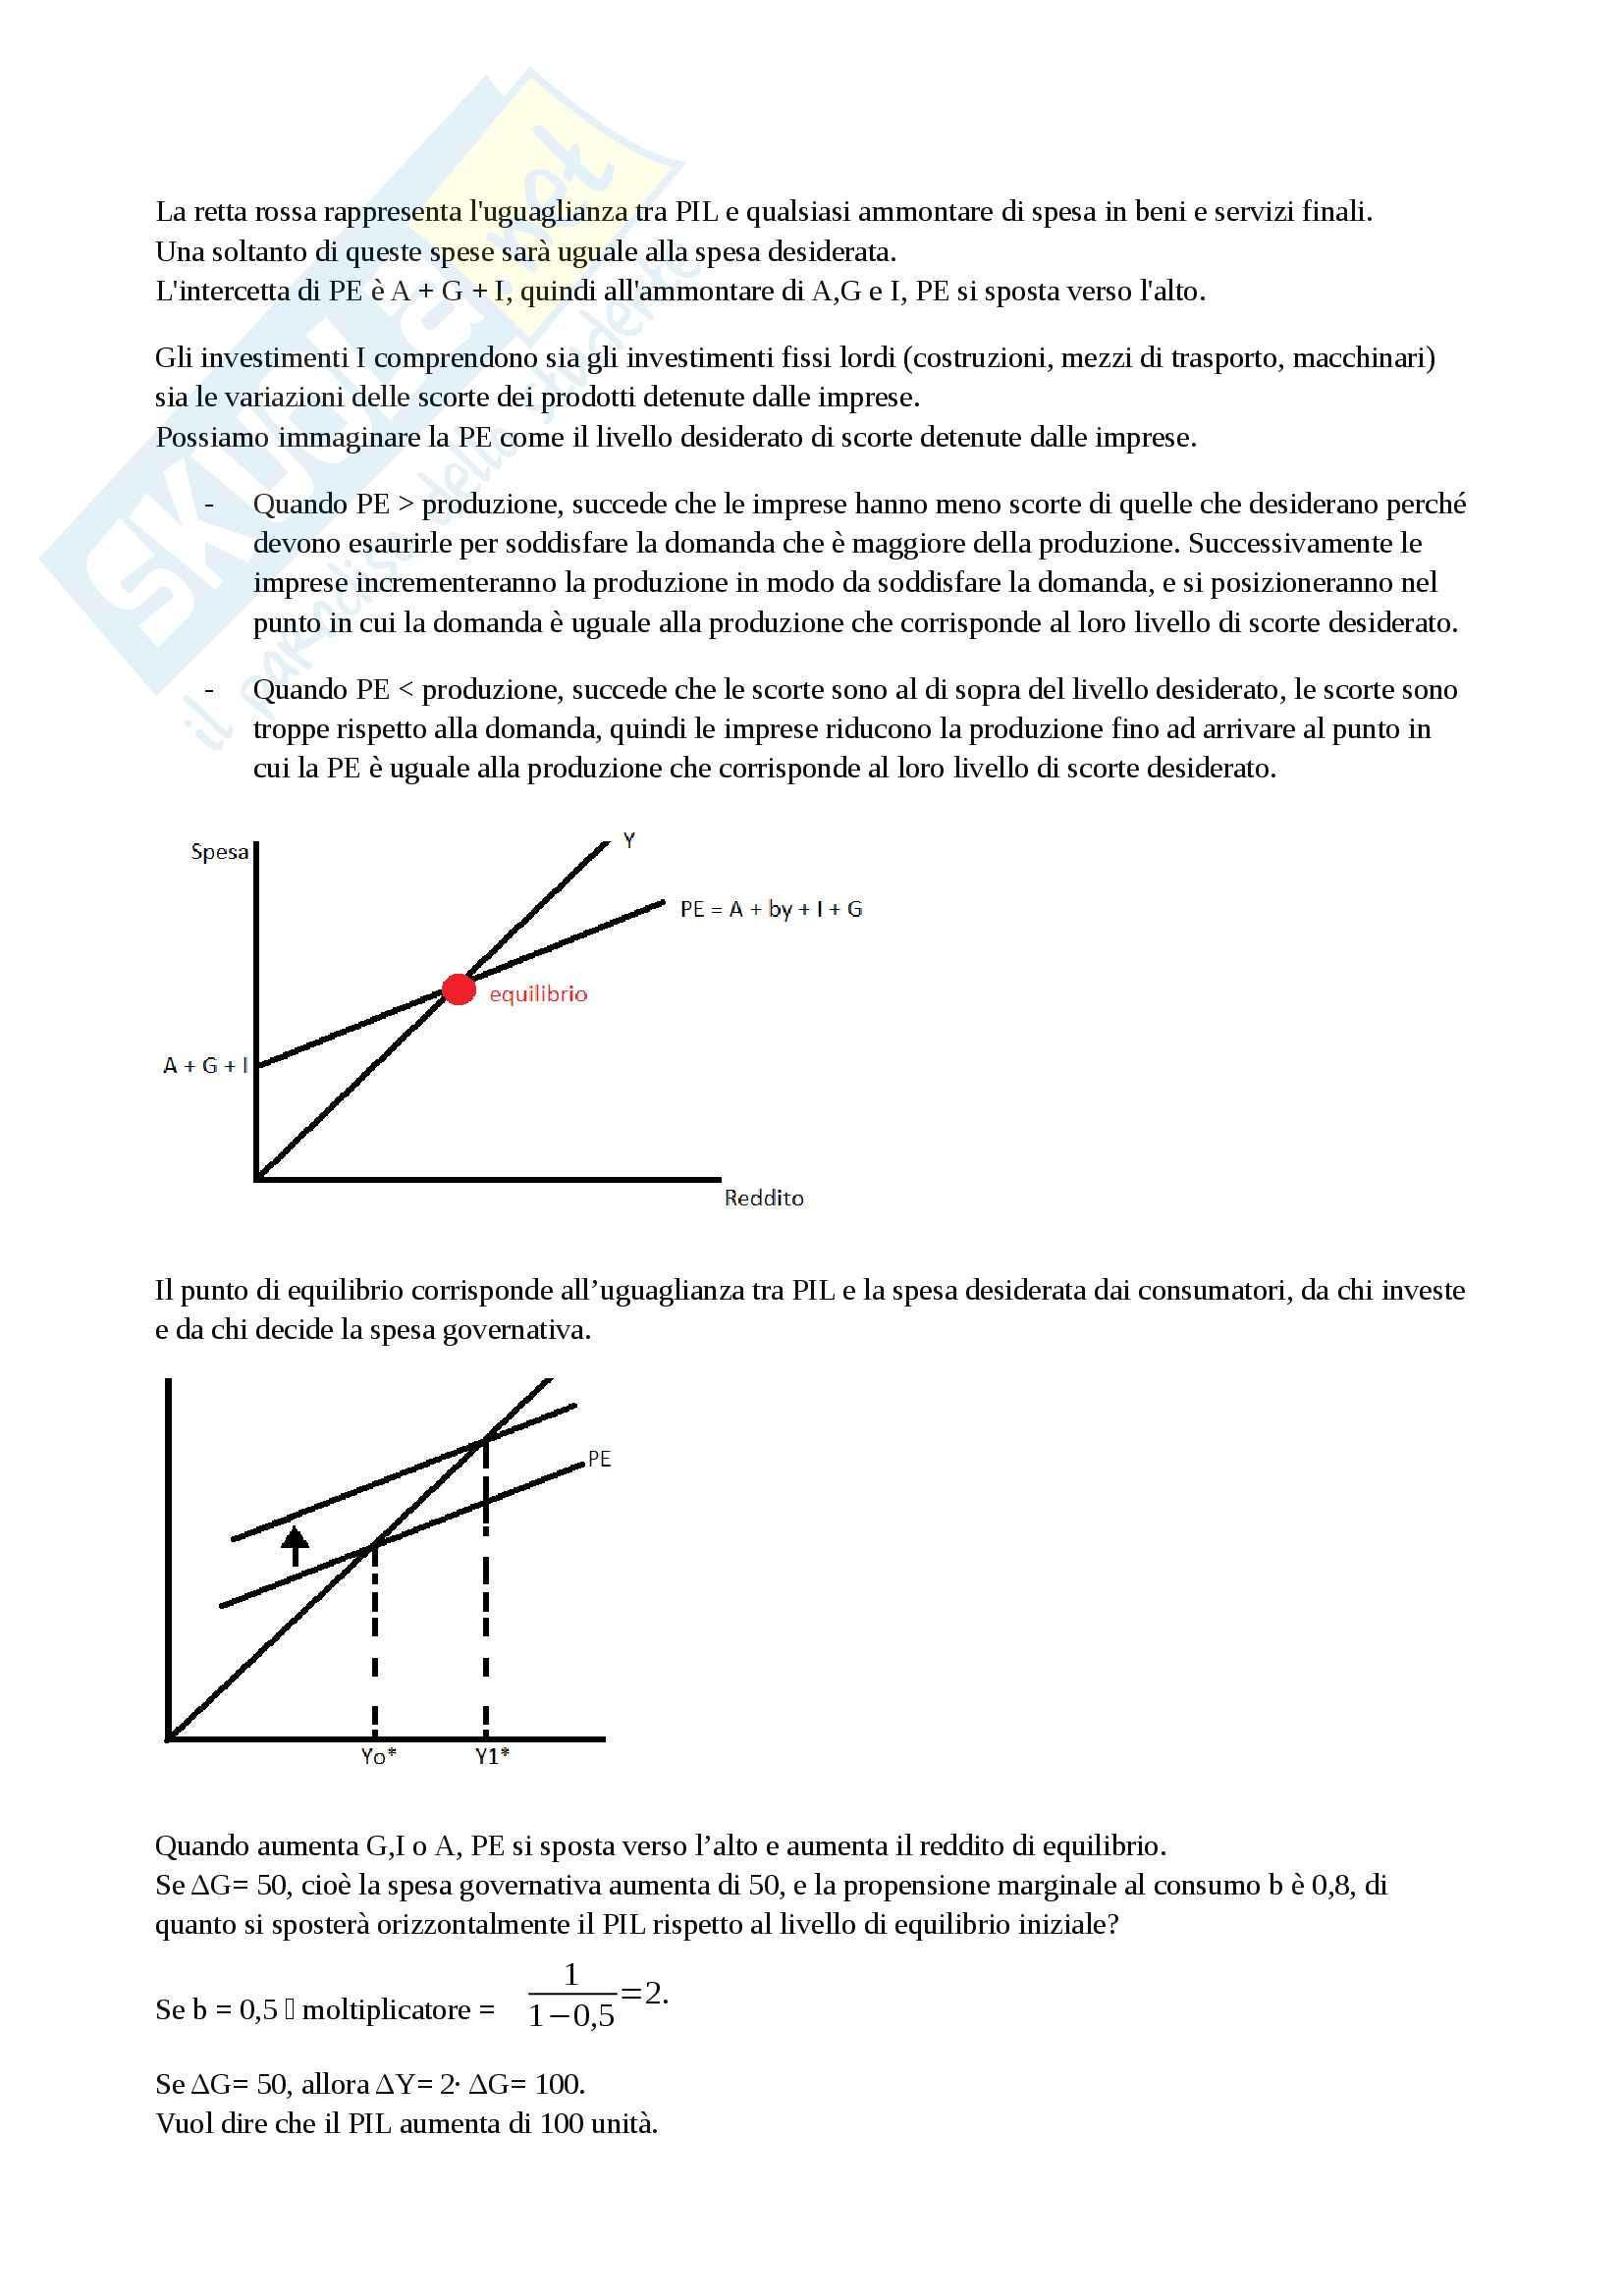 Crescita economica, cicli economici, moneta, politica fiscale e monetaria, economia aperta, disoccupazione - Macroeconomia Pag. 11